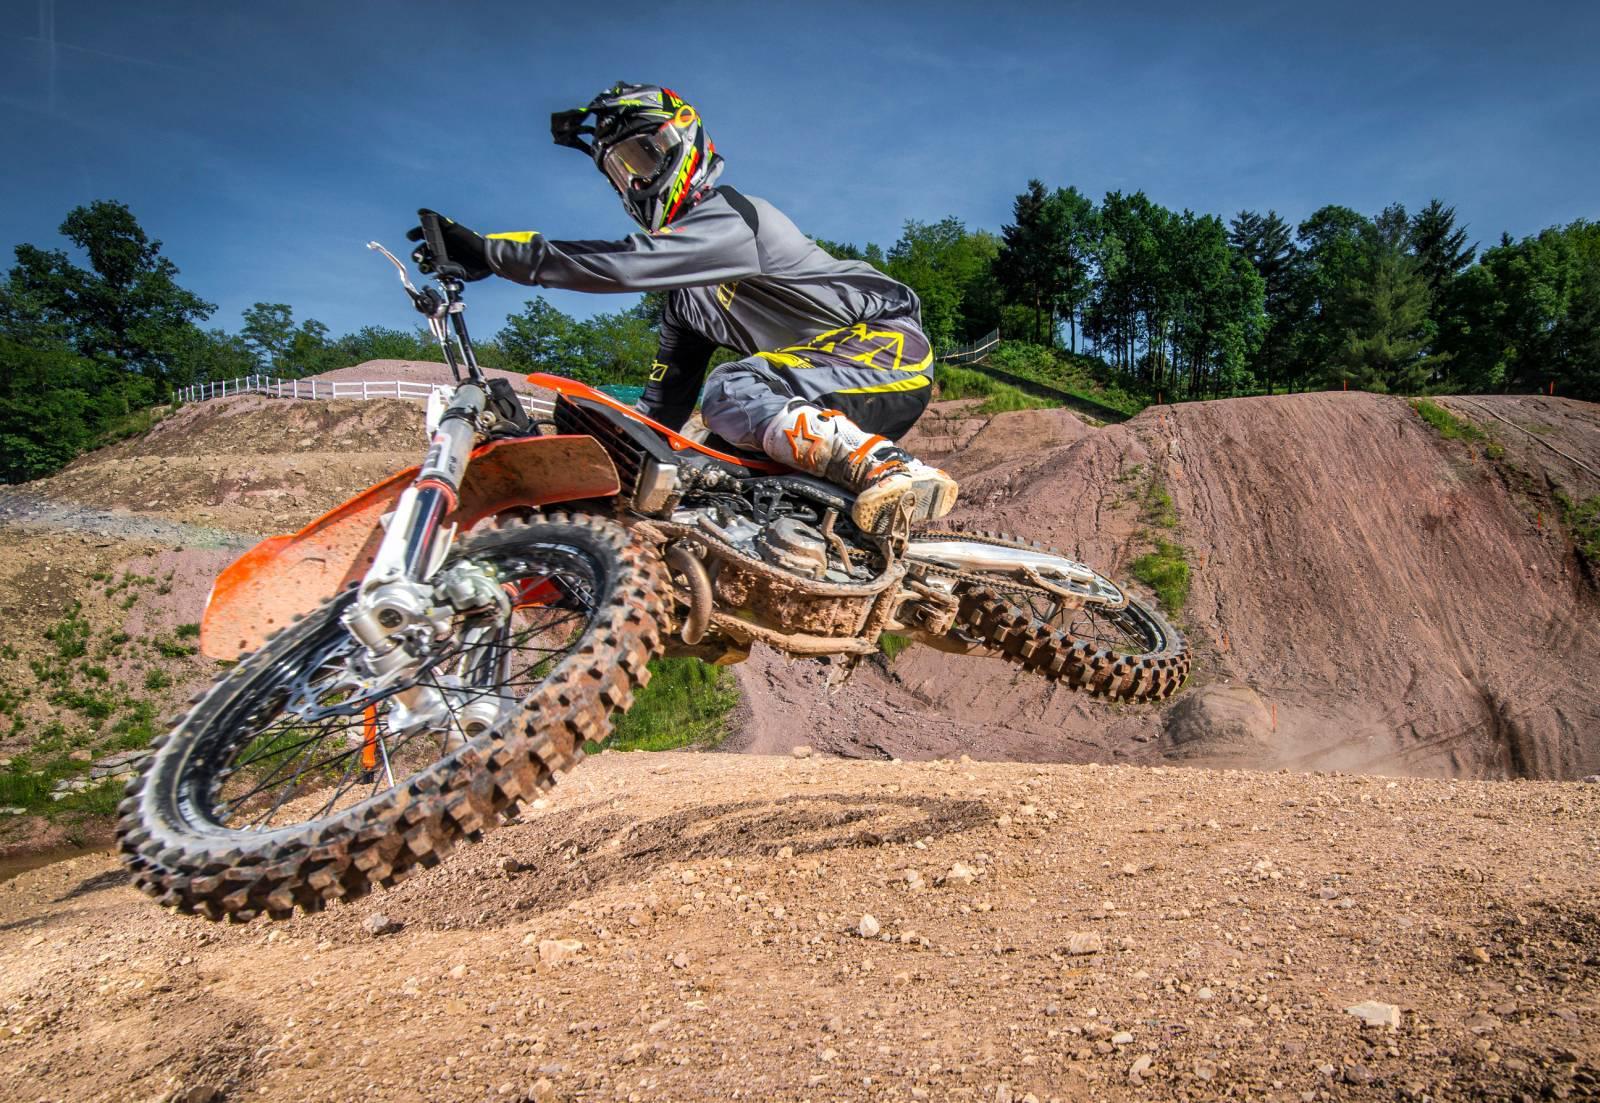 Ktm sx motocross 2016 motorrad fotos motorrad bilder - Image de moto cross ktm ...